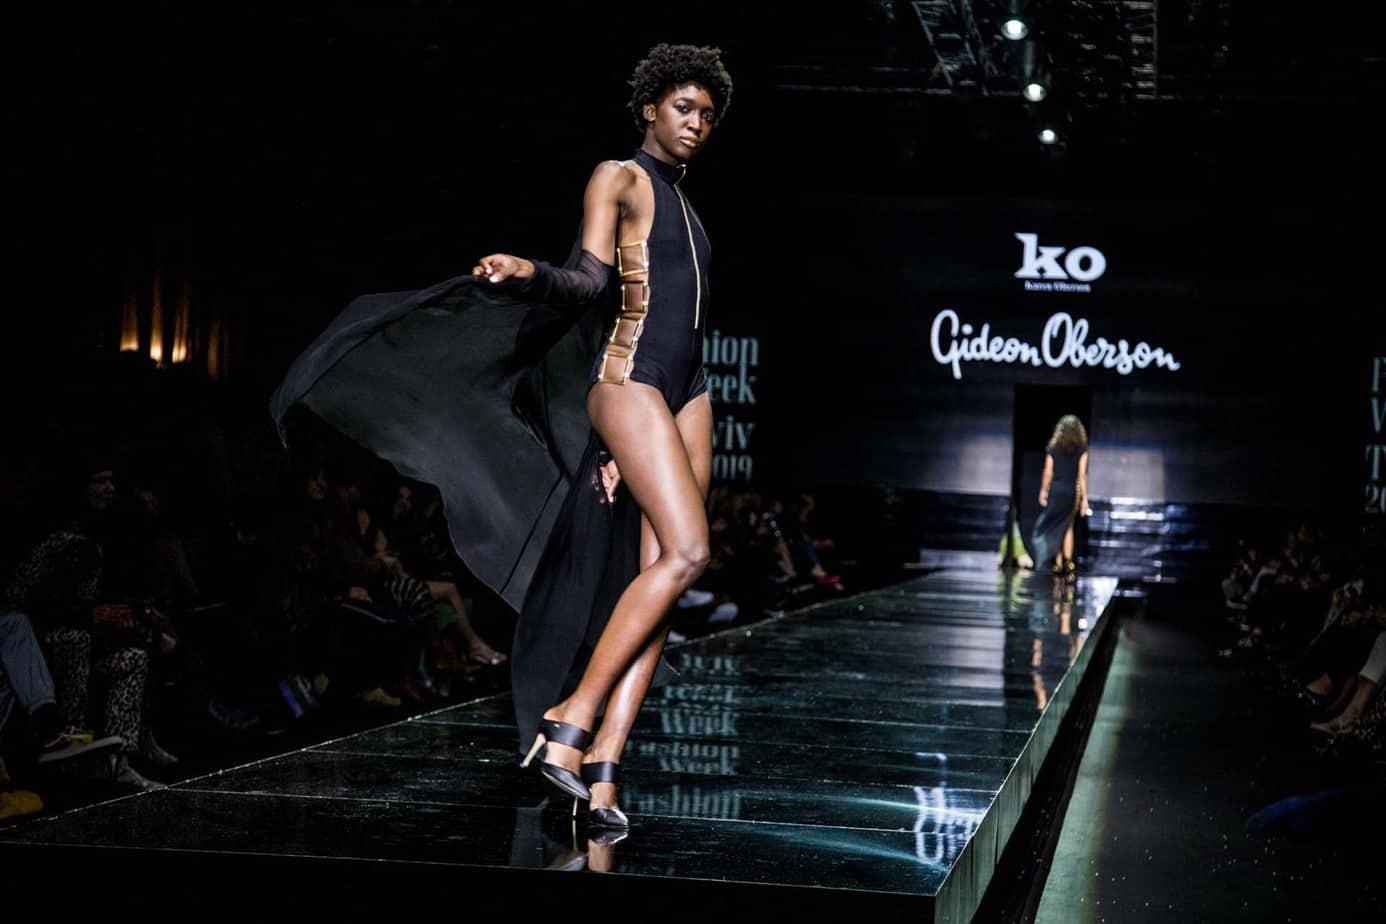 גדעון אוברזון. שבוע האופנה תל אביב 2019. צילום: אלכס פרגמנט -12